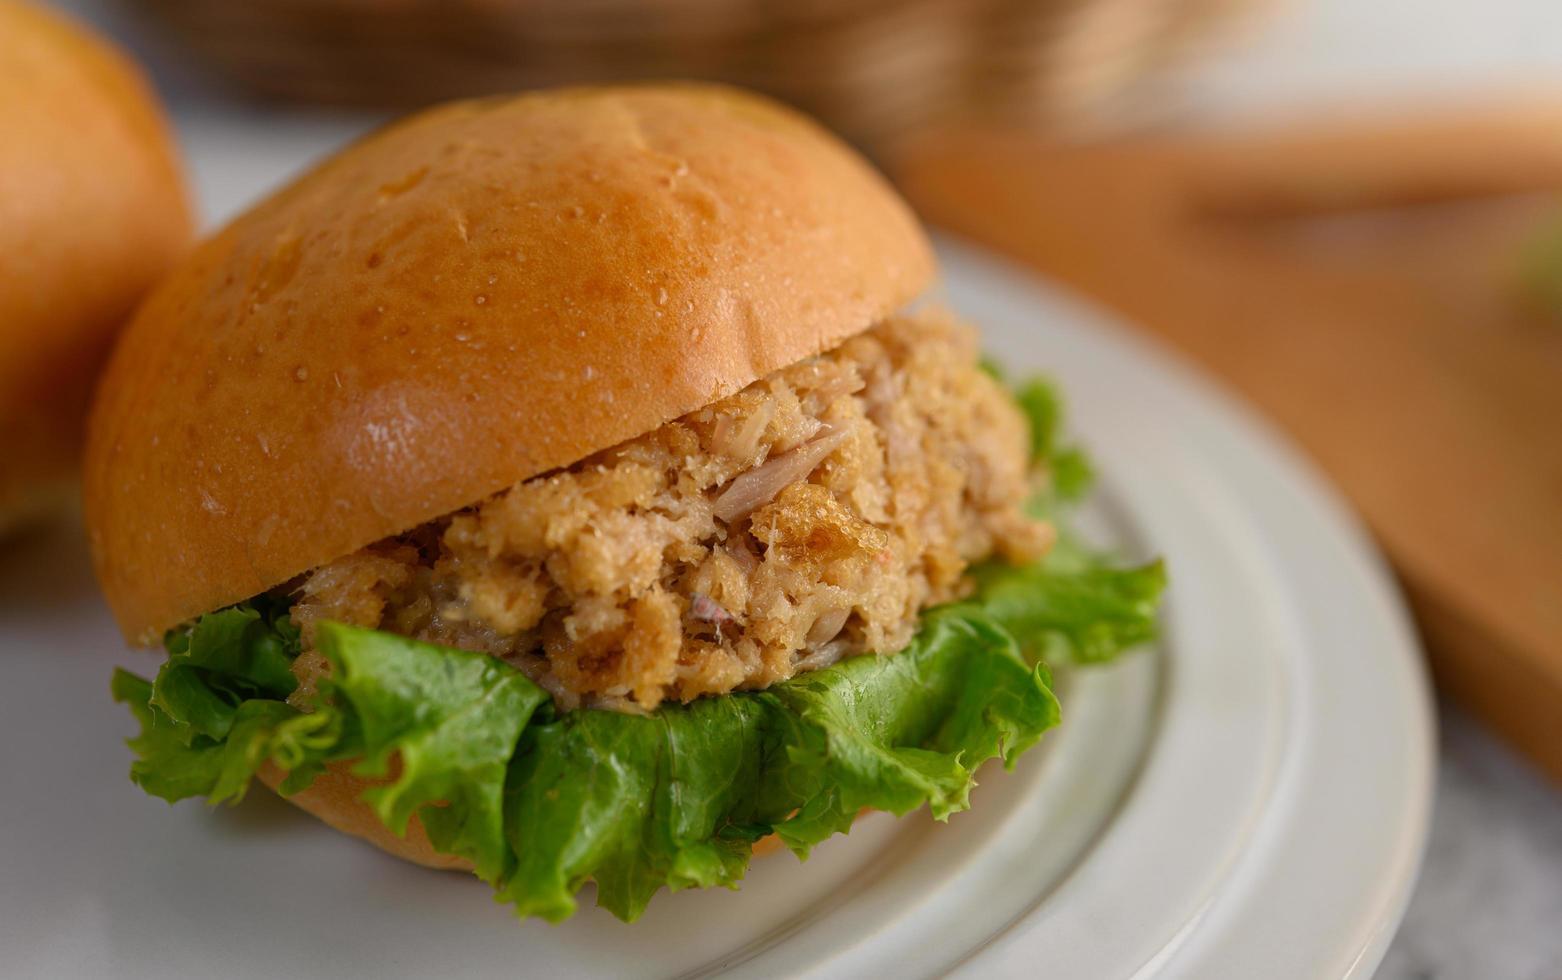 Nahaufnahme von Hamburger auf weiße Schale schön gelegt foto